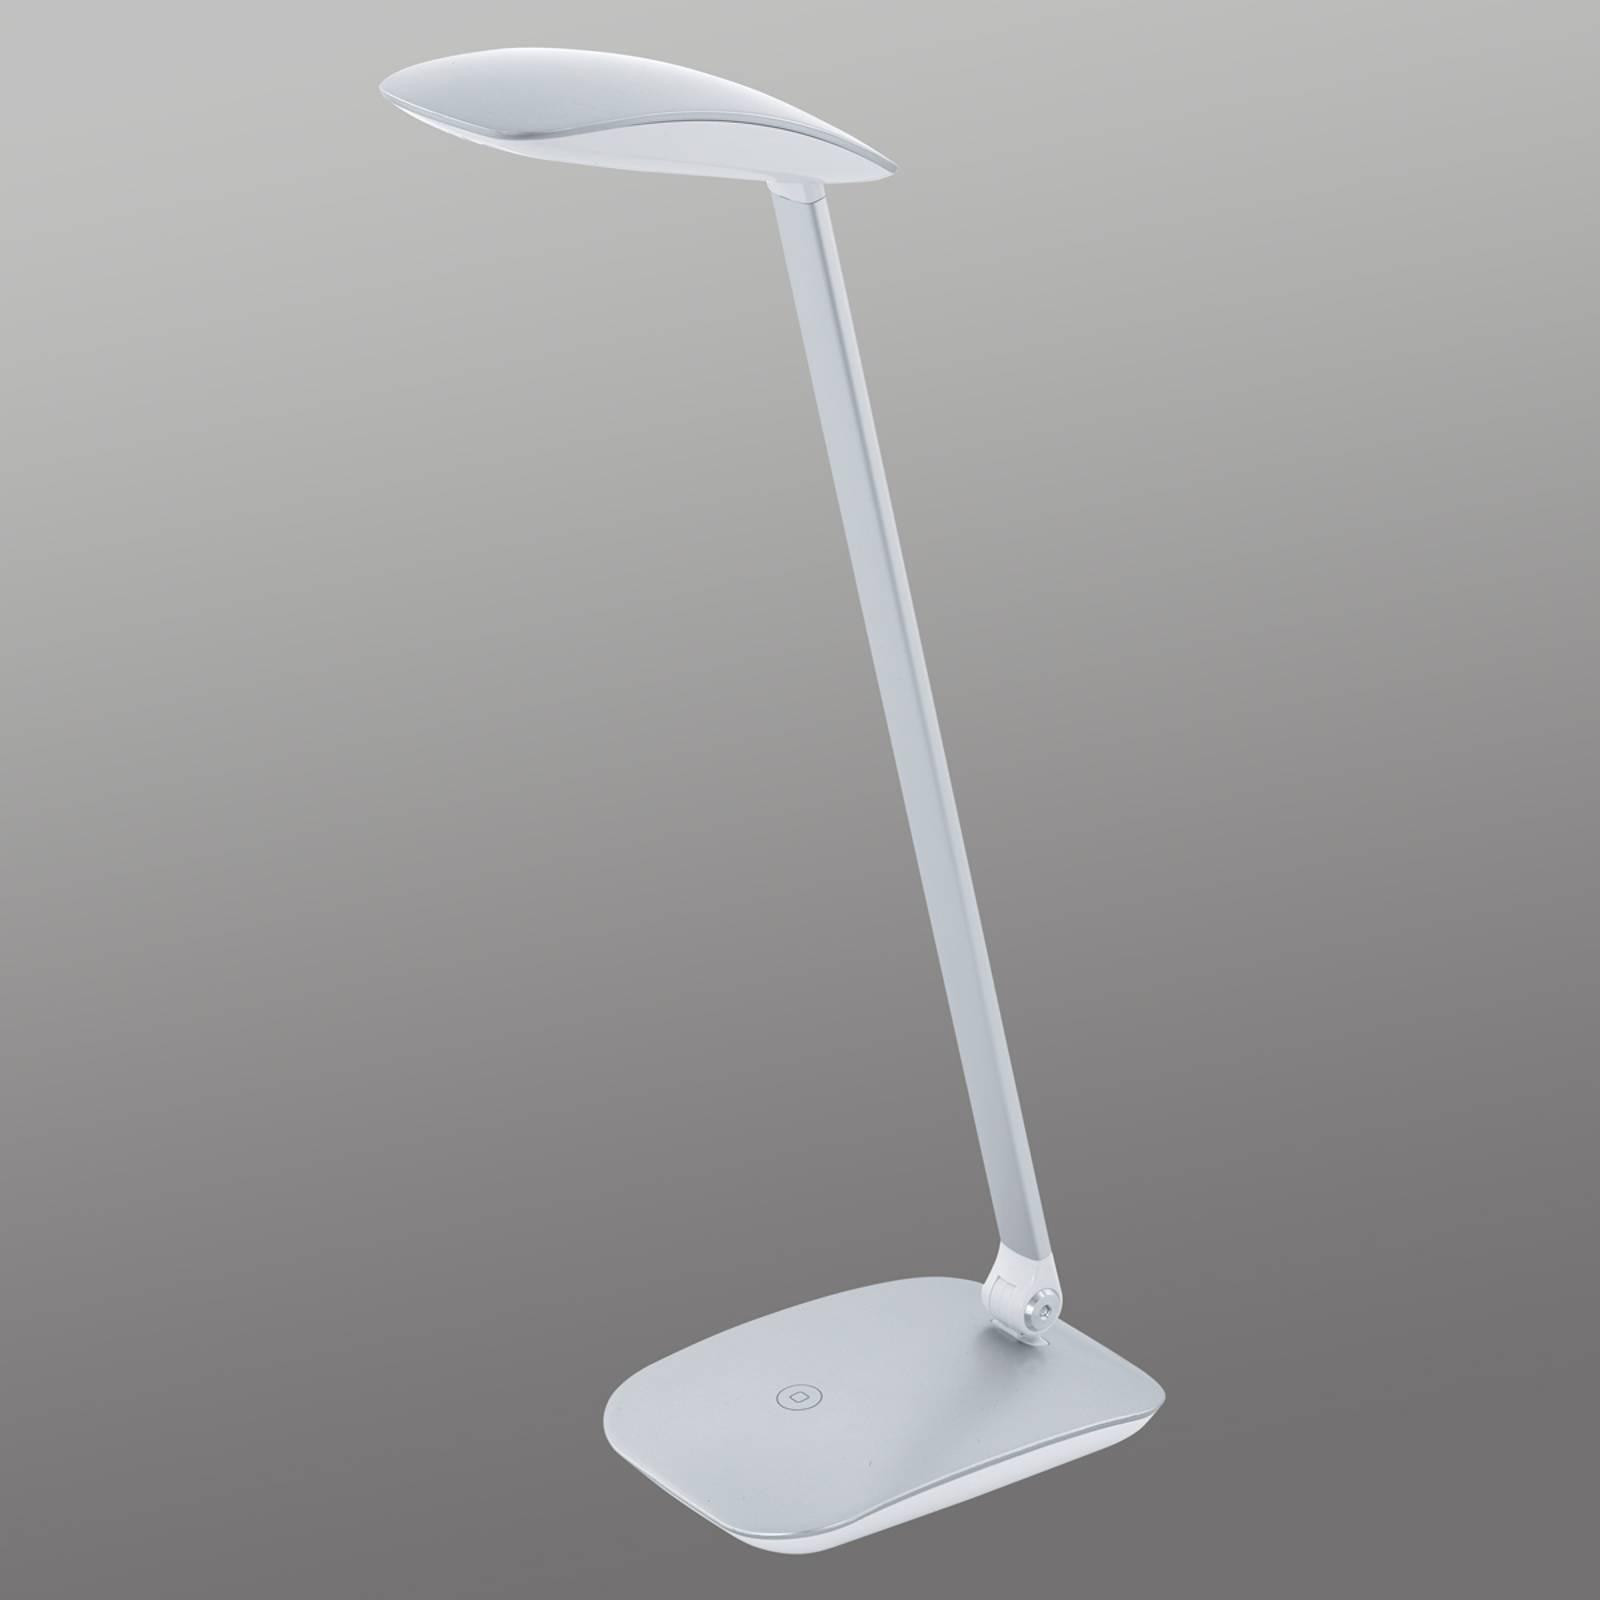 Hopeinen Cajero LED-kirjoituspyötävalaisin, himm.